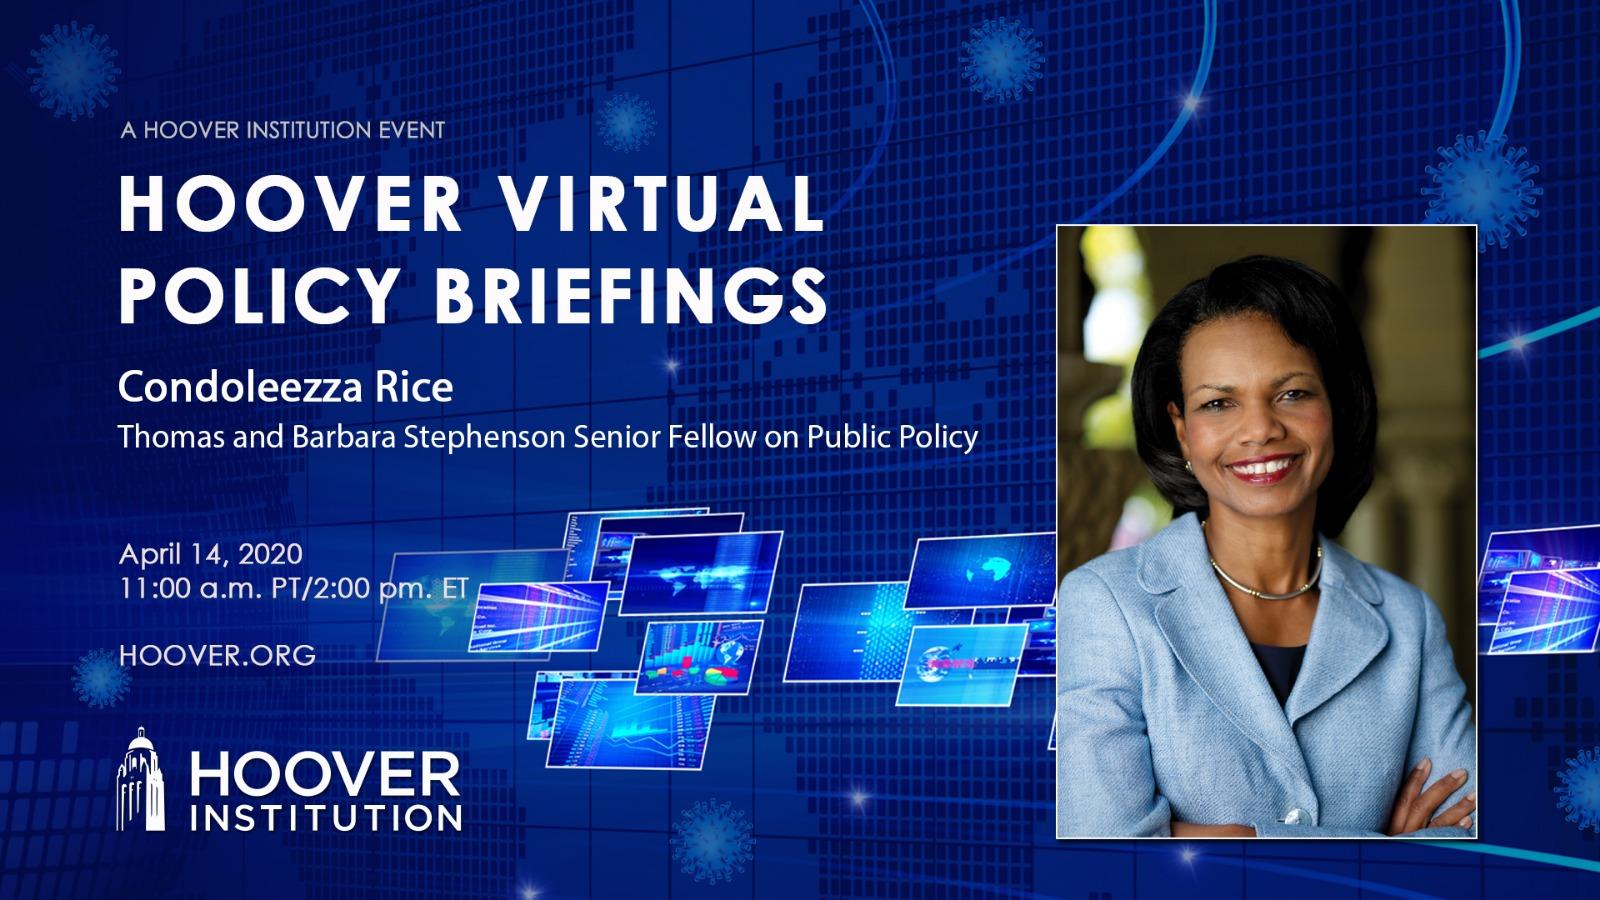 4月14日,美國前國務卿賴斯出席智庫胡佛研究所的政策簡報會議,回答觀眾有關COVID-19(中共病毒)與國家安全政策的問題。她表示,中共隱瞞疫情信息是反復出現的模式。(影片截圖)